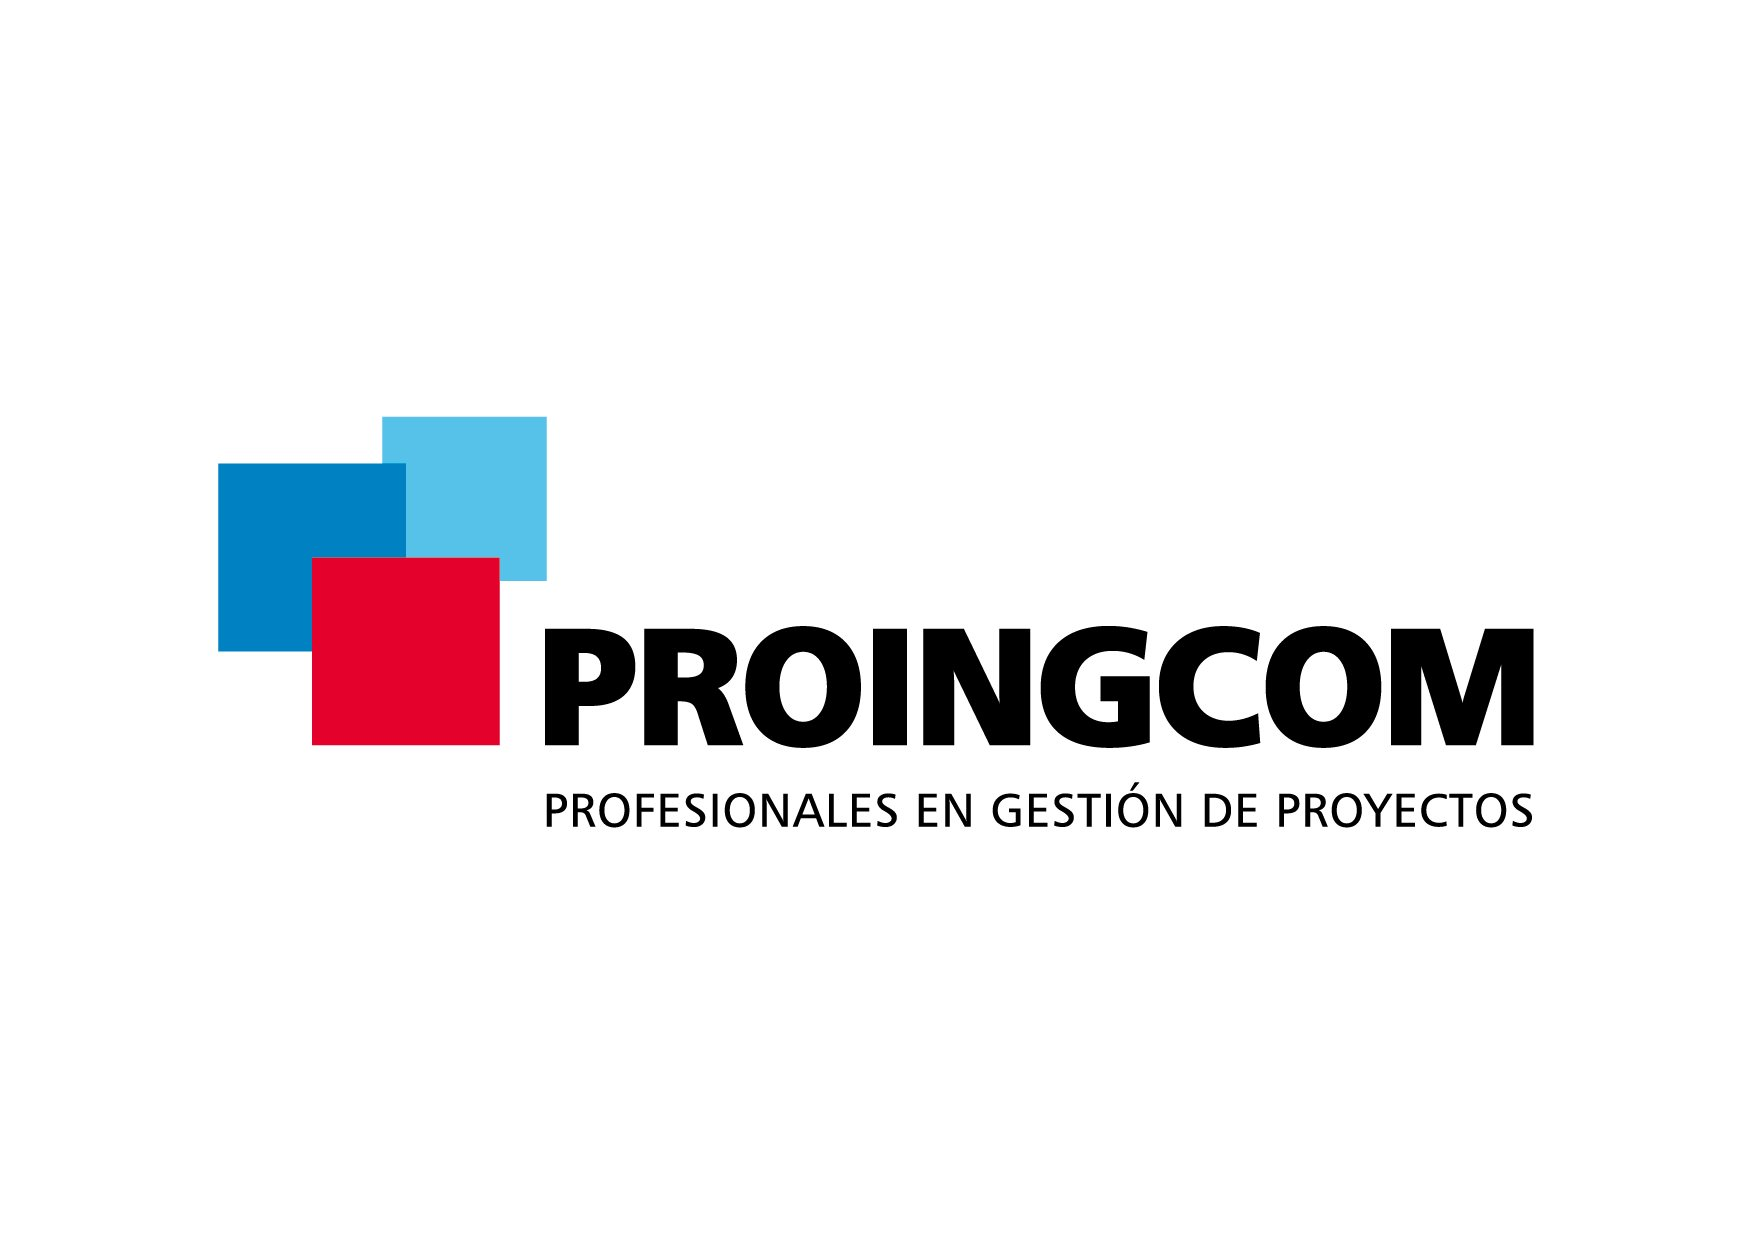 PROINGCOM